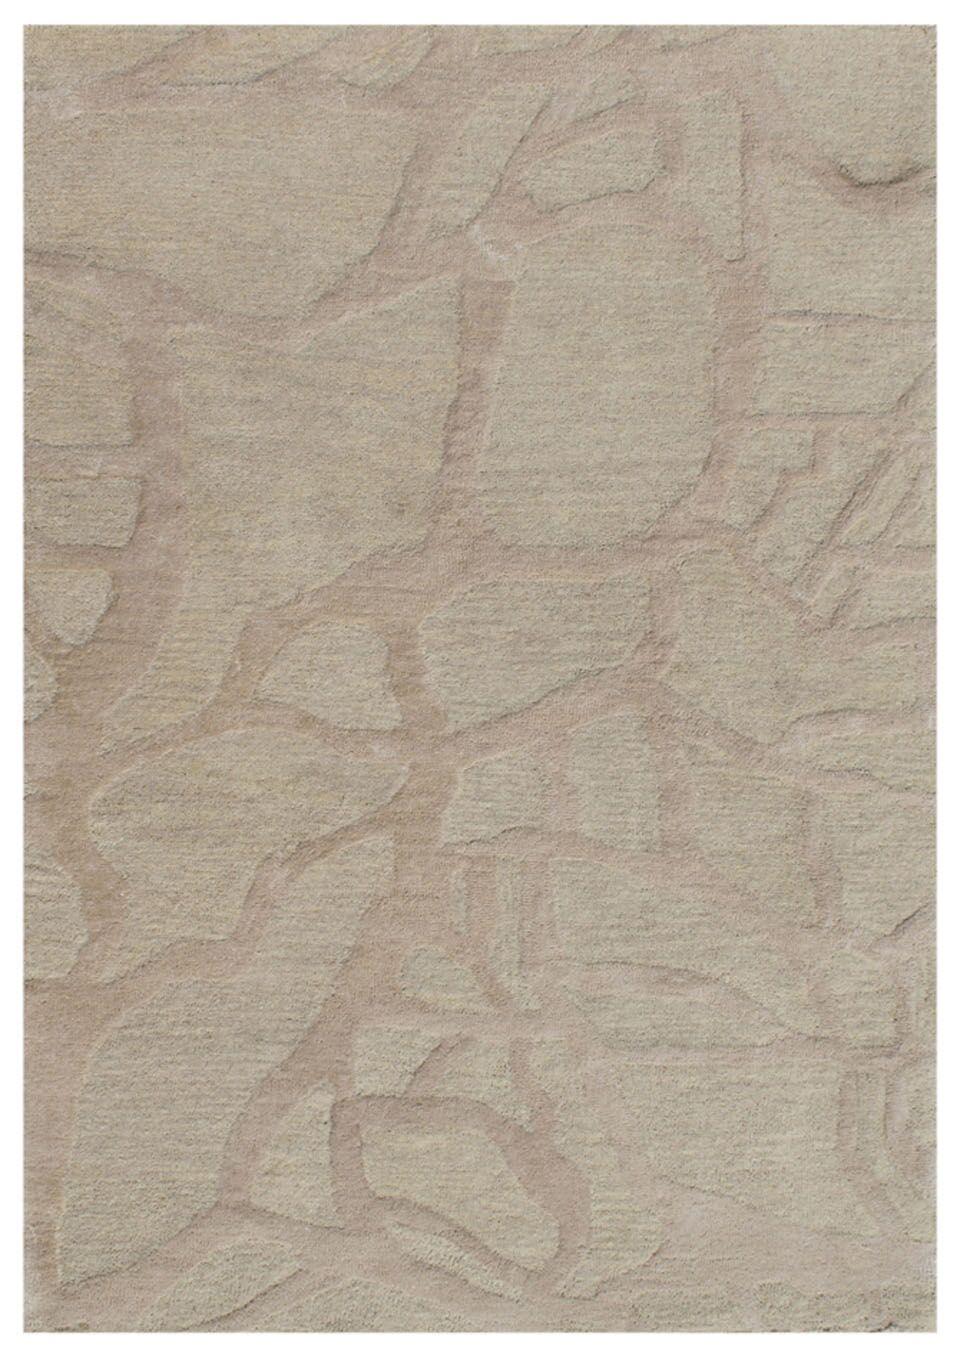 Gaydos Hand-Tufted Neutral Area Rug Rug Size: 5' x 8'